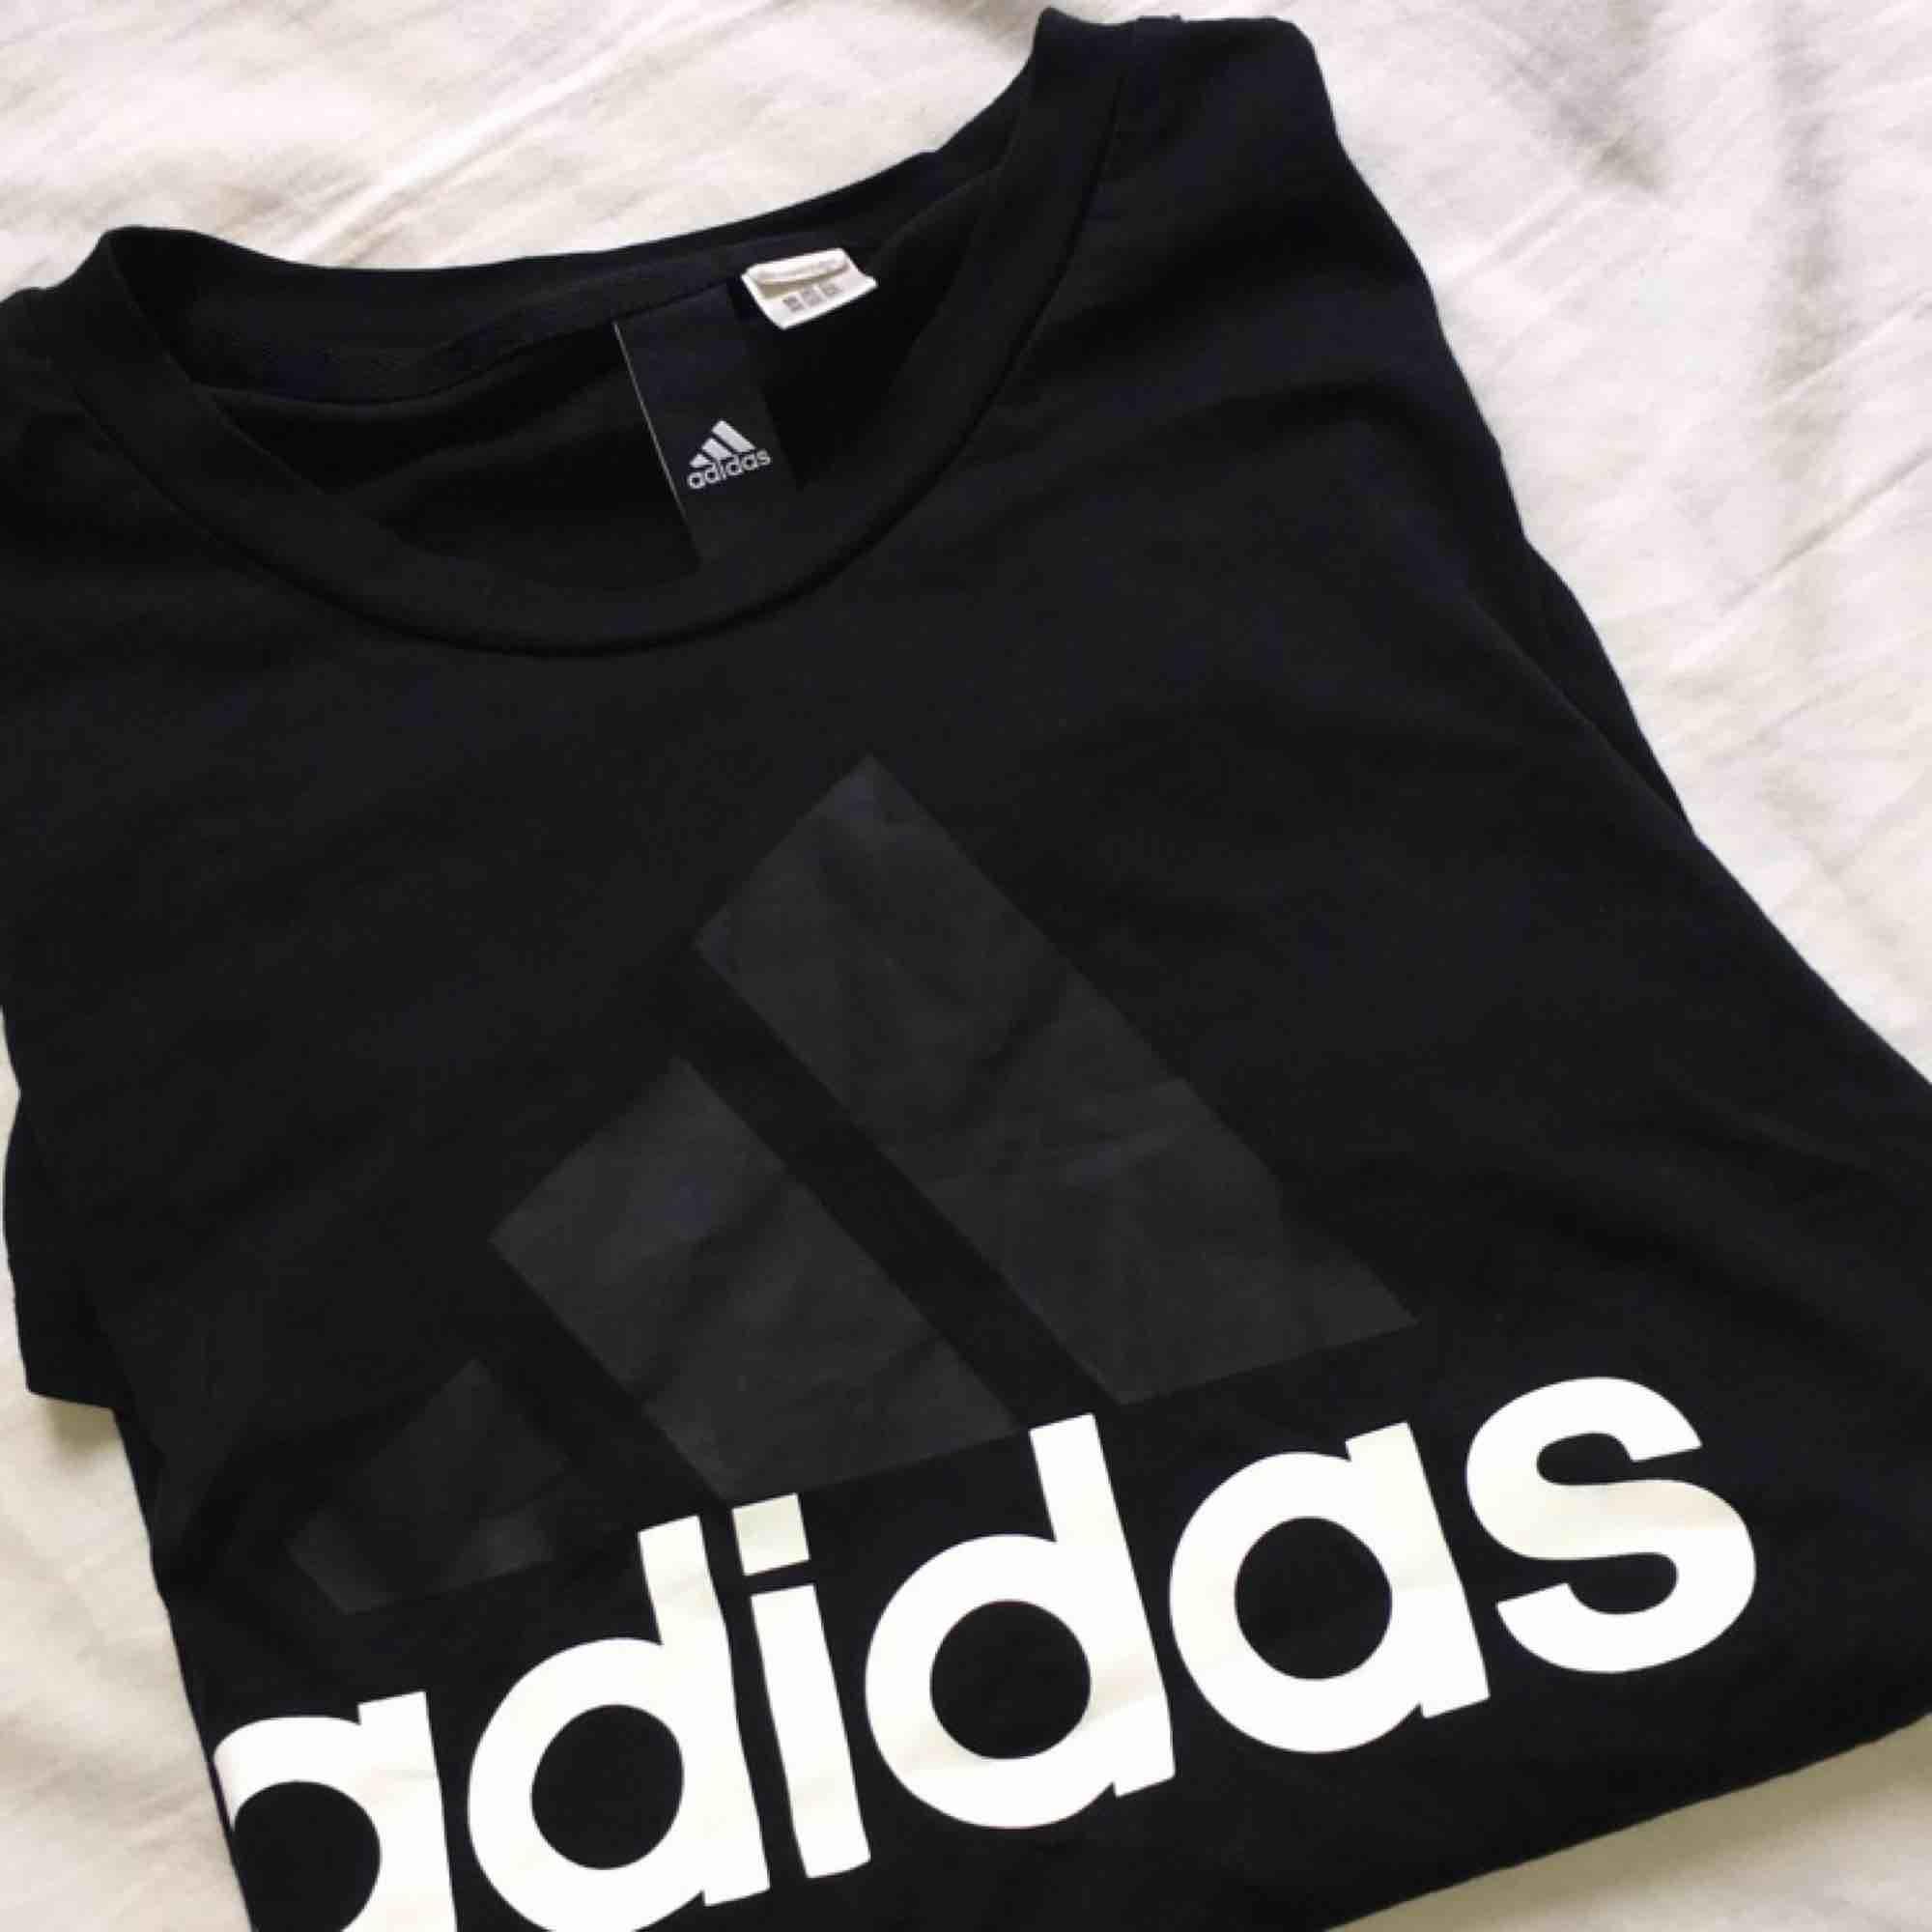 använt en del men ändå i väldigt bra skick  kan mötas upp i Jönköping, Habo eller bankeryd  Tar swish  Kan frakta men då står köparen för fraktkostnaden!. T-shirts.